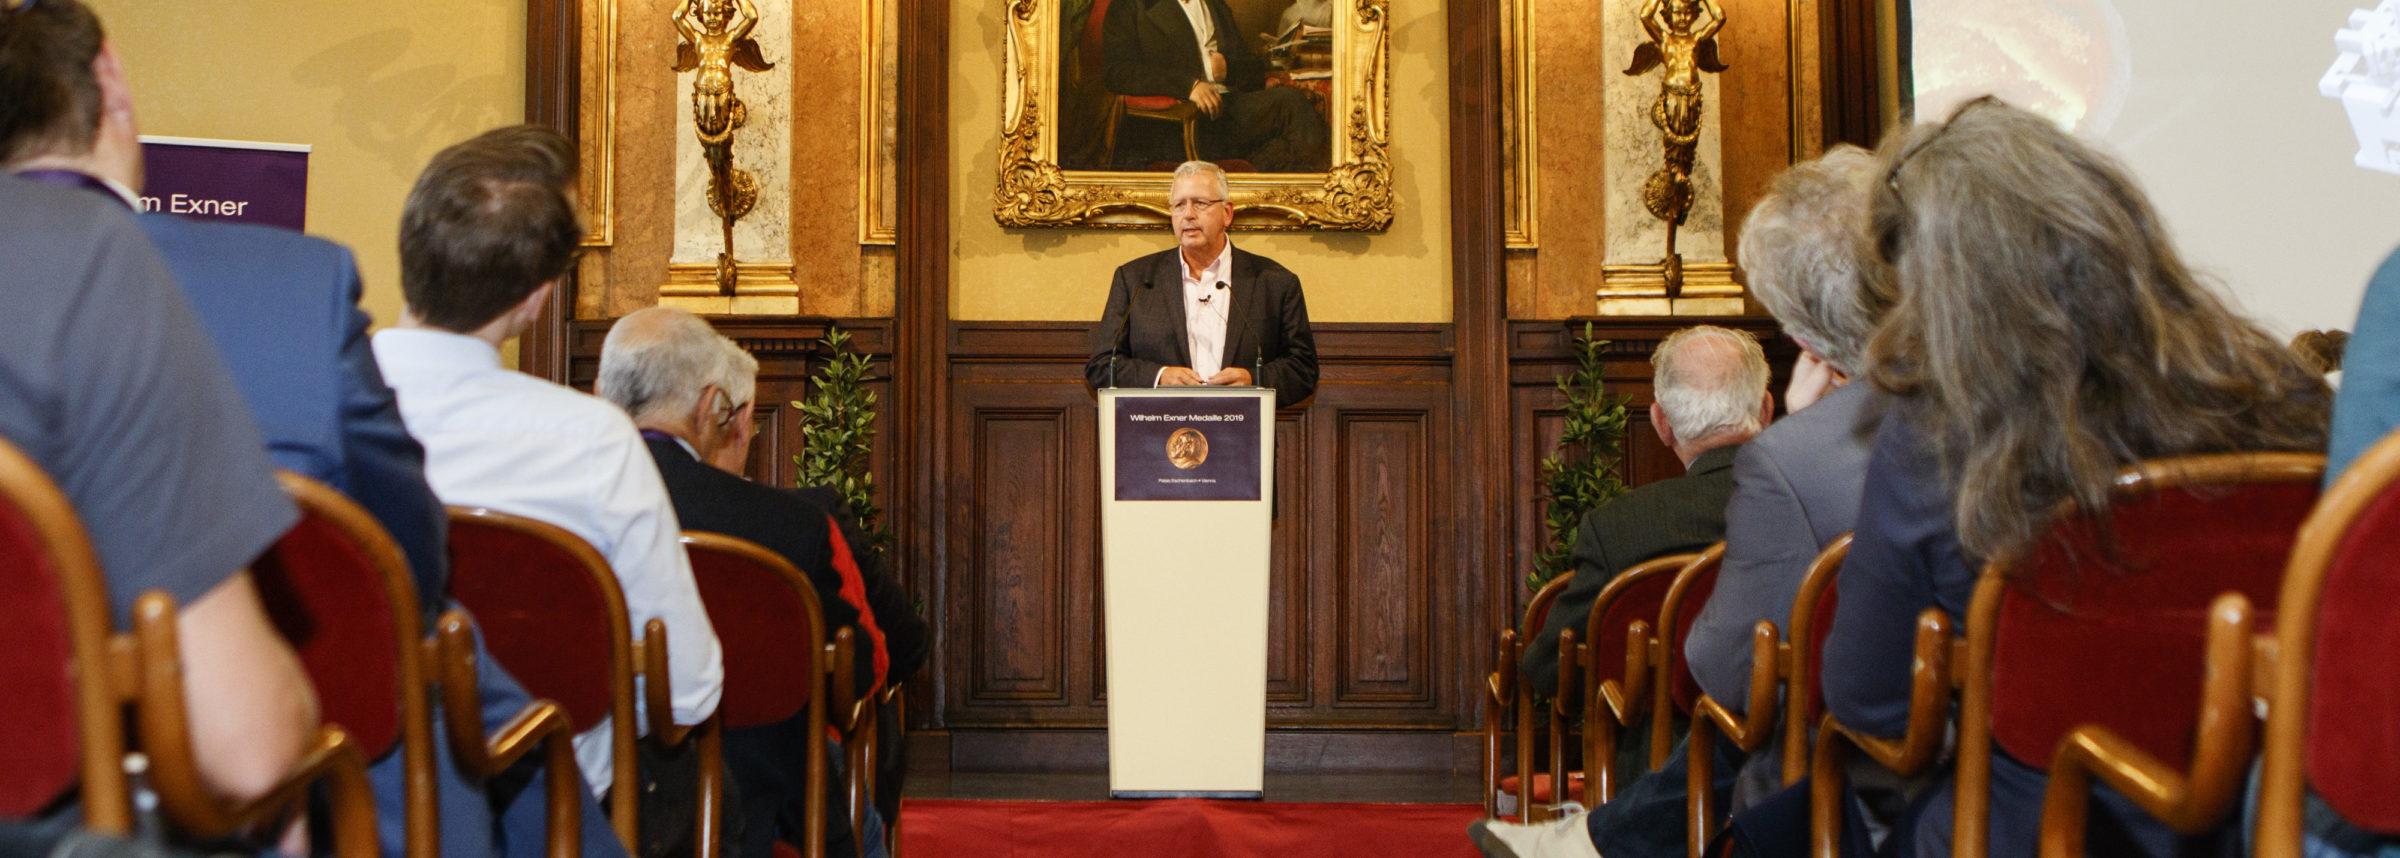 ÖGV Nachrichten: Wilhelm Exner Lectures & Gala 2019